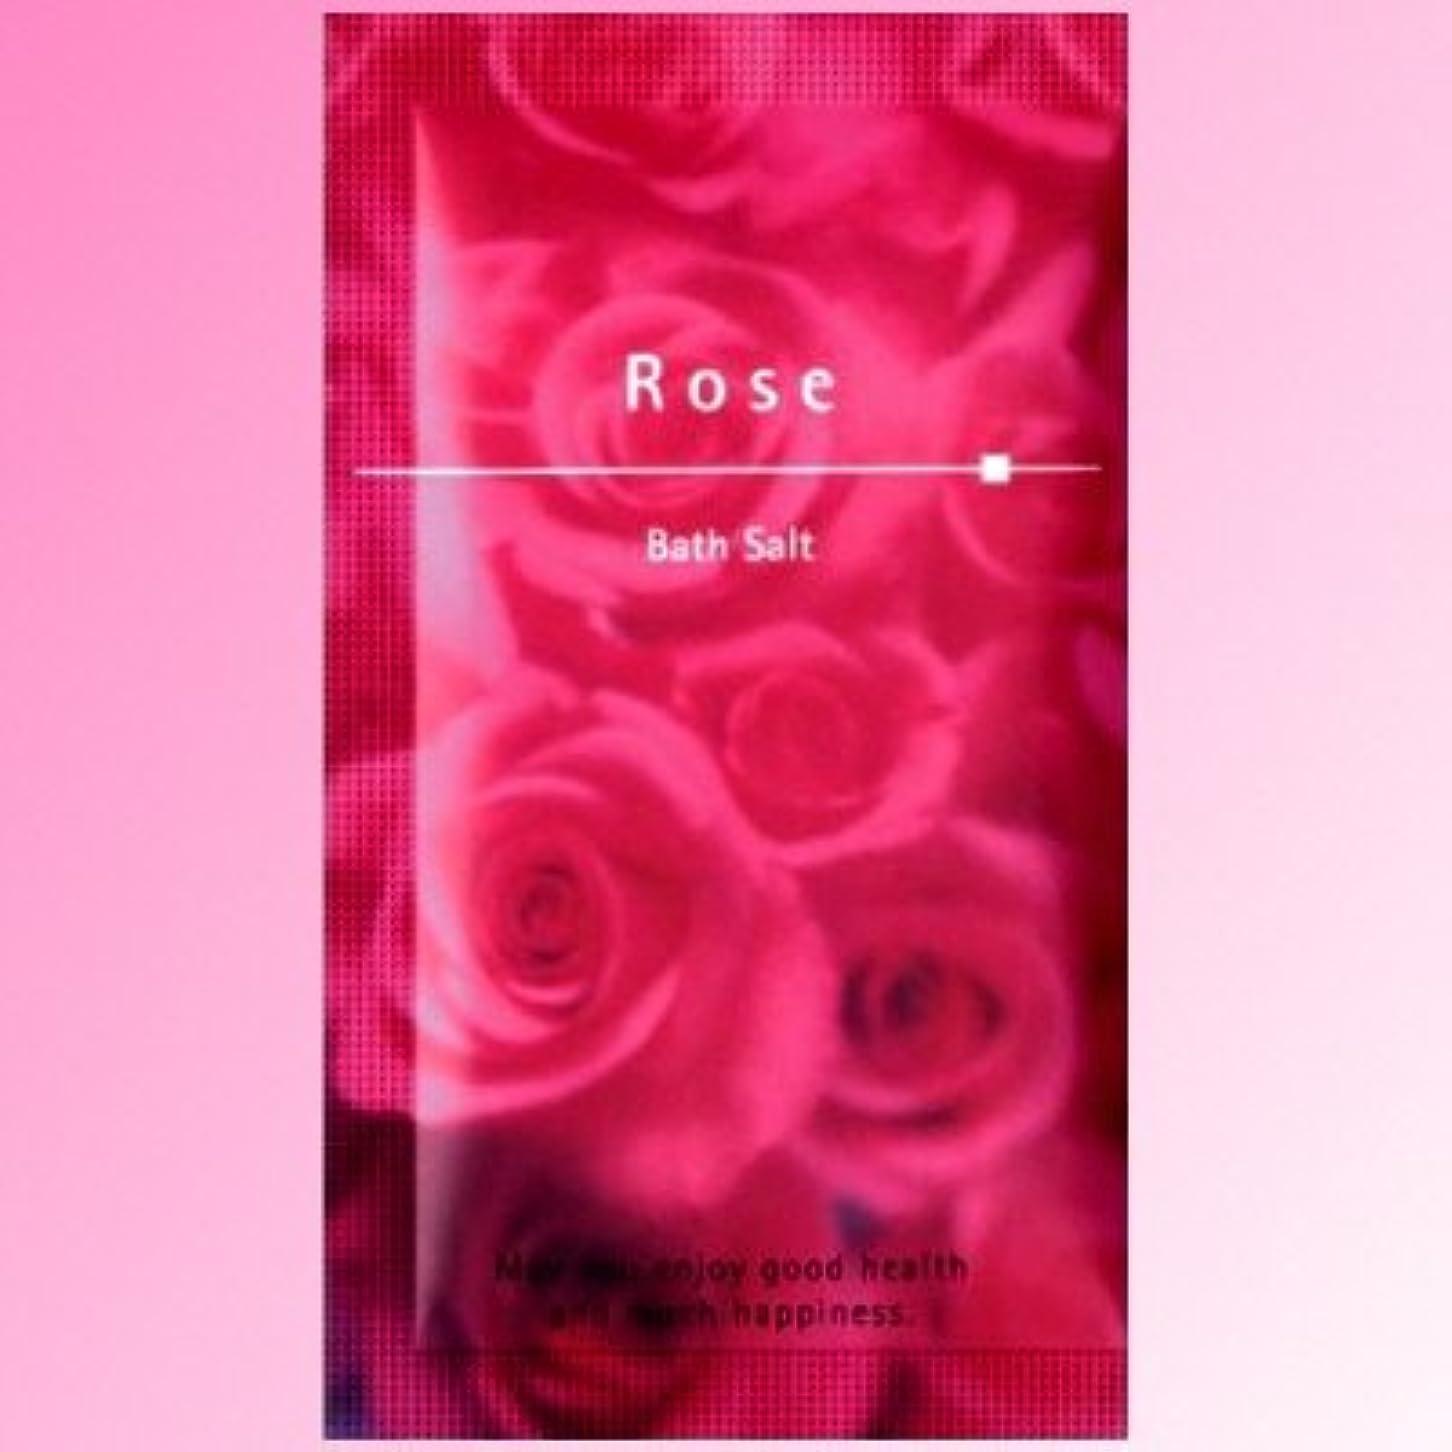 幸運な省放散する薔薇の香りの入浴剤 フレグラントガーデン ローズ